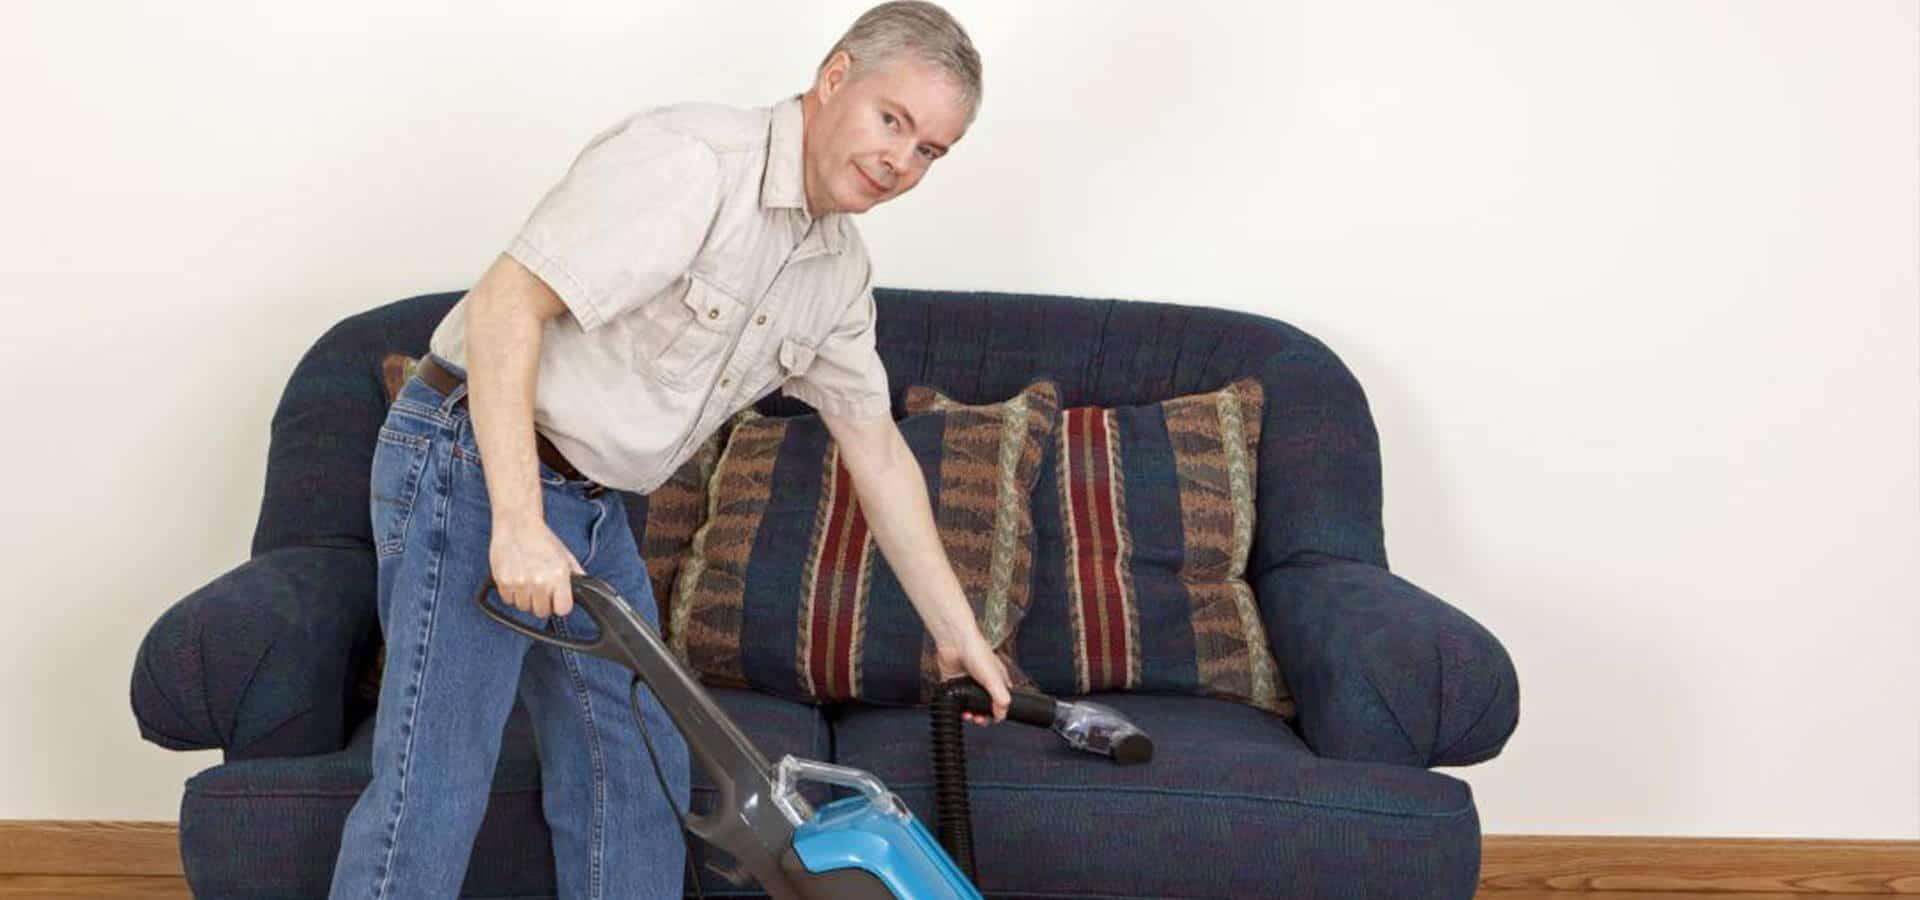 چرا مردان مسن باید بیشتر خانه داری کنند؟